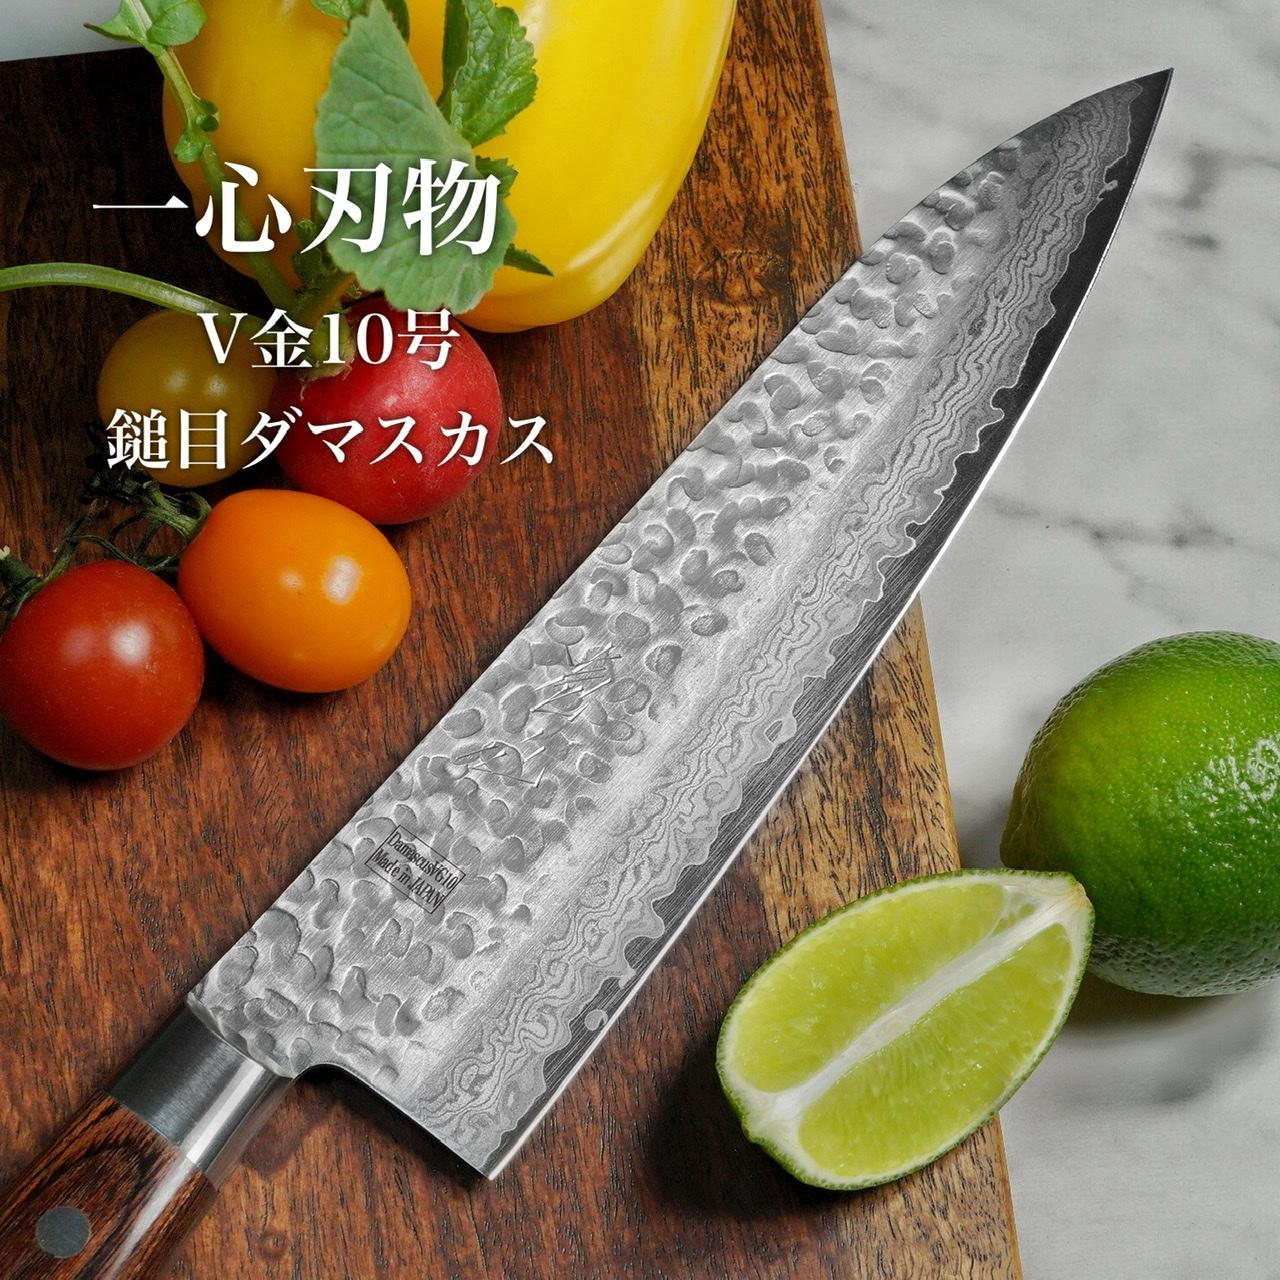 包丁 牛刀 210mm ダマスカス V金10号 ステンレス マホガニー柄 槌目模様 7寸 ミルフィーユ 一心刃物 関市 鮮烈な切れ味永続き